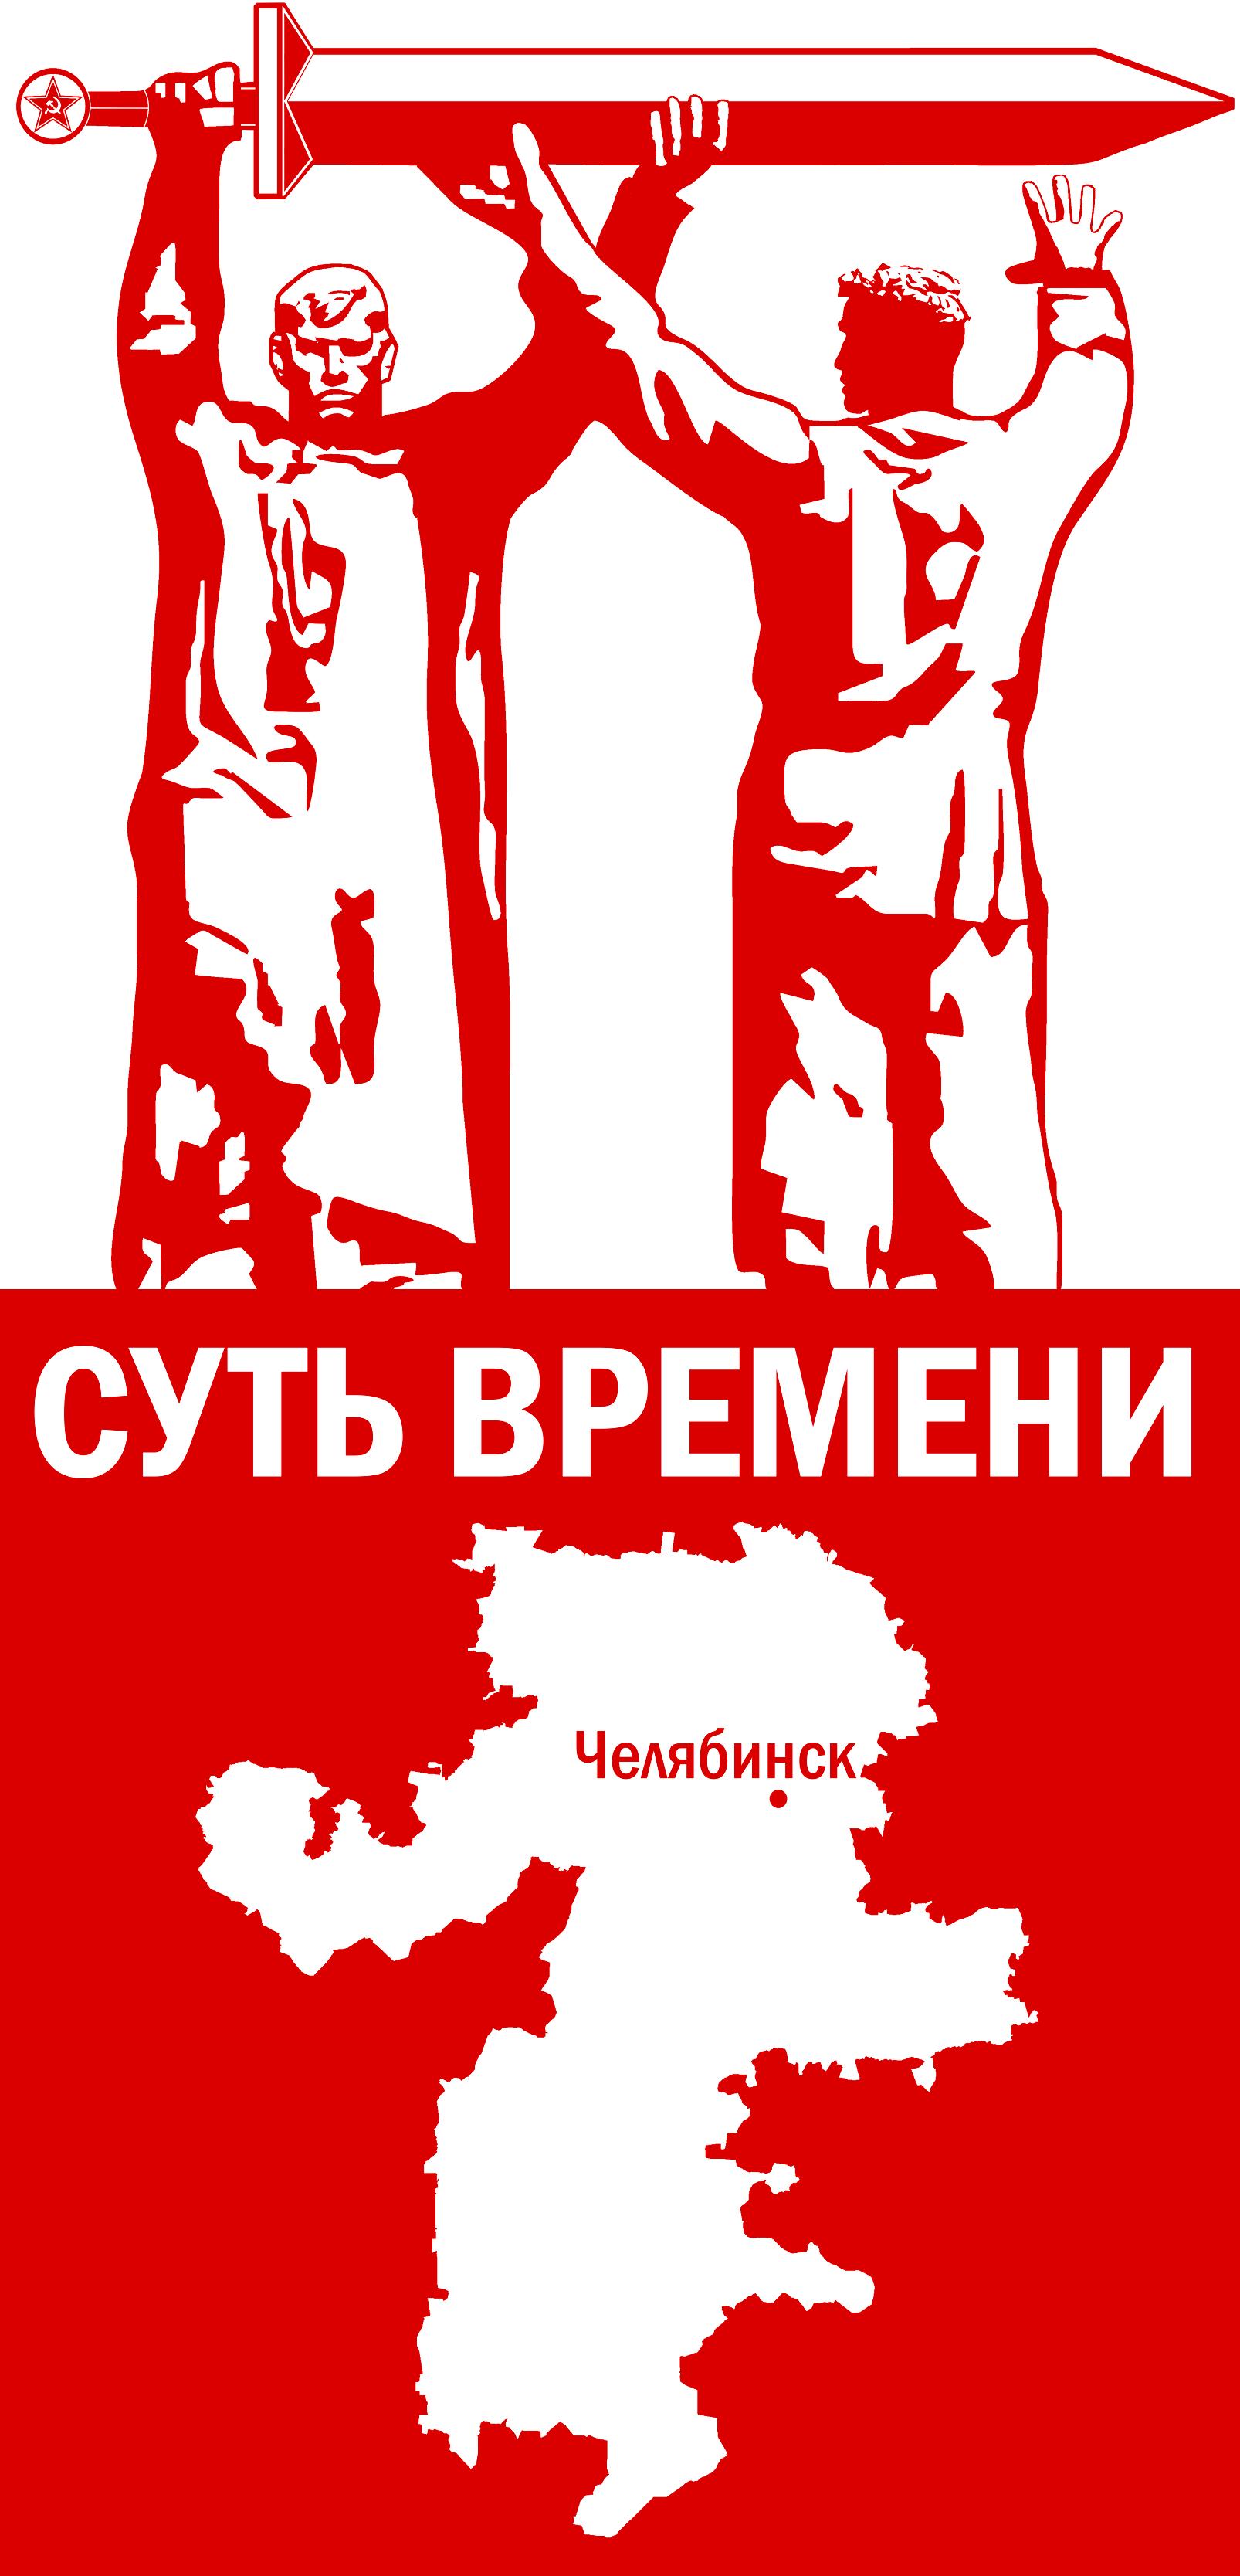 Суть времени - Челябинск